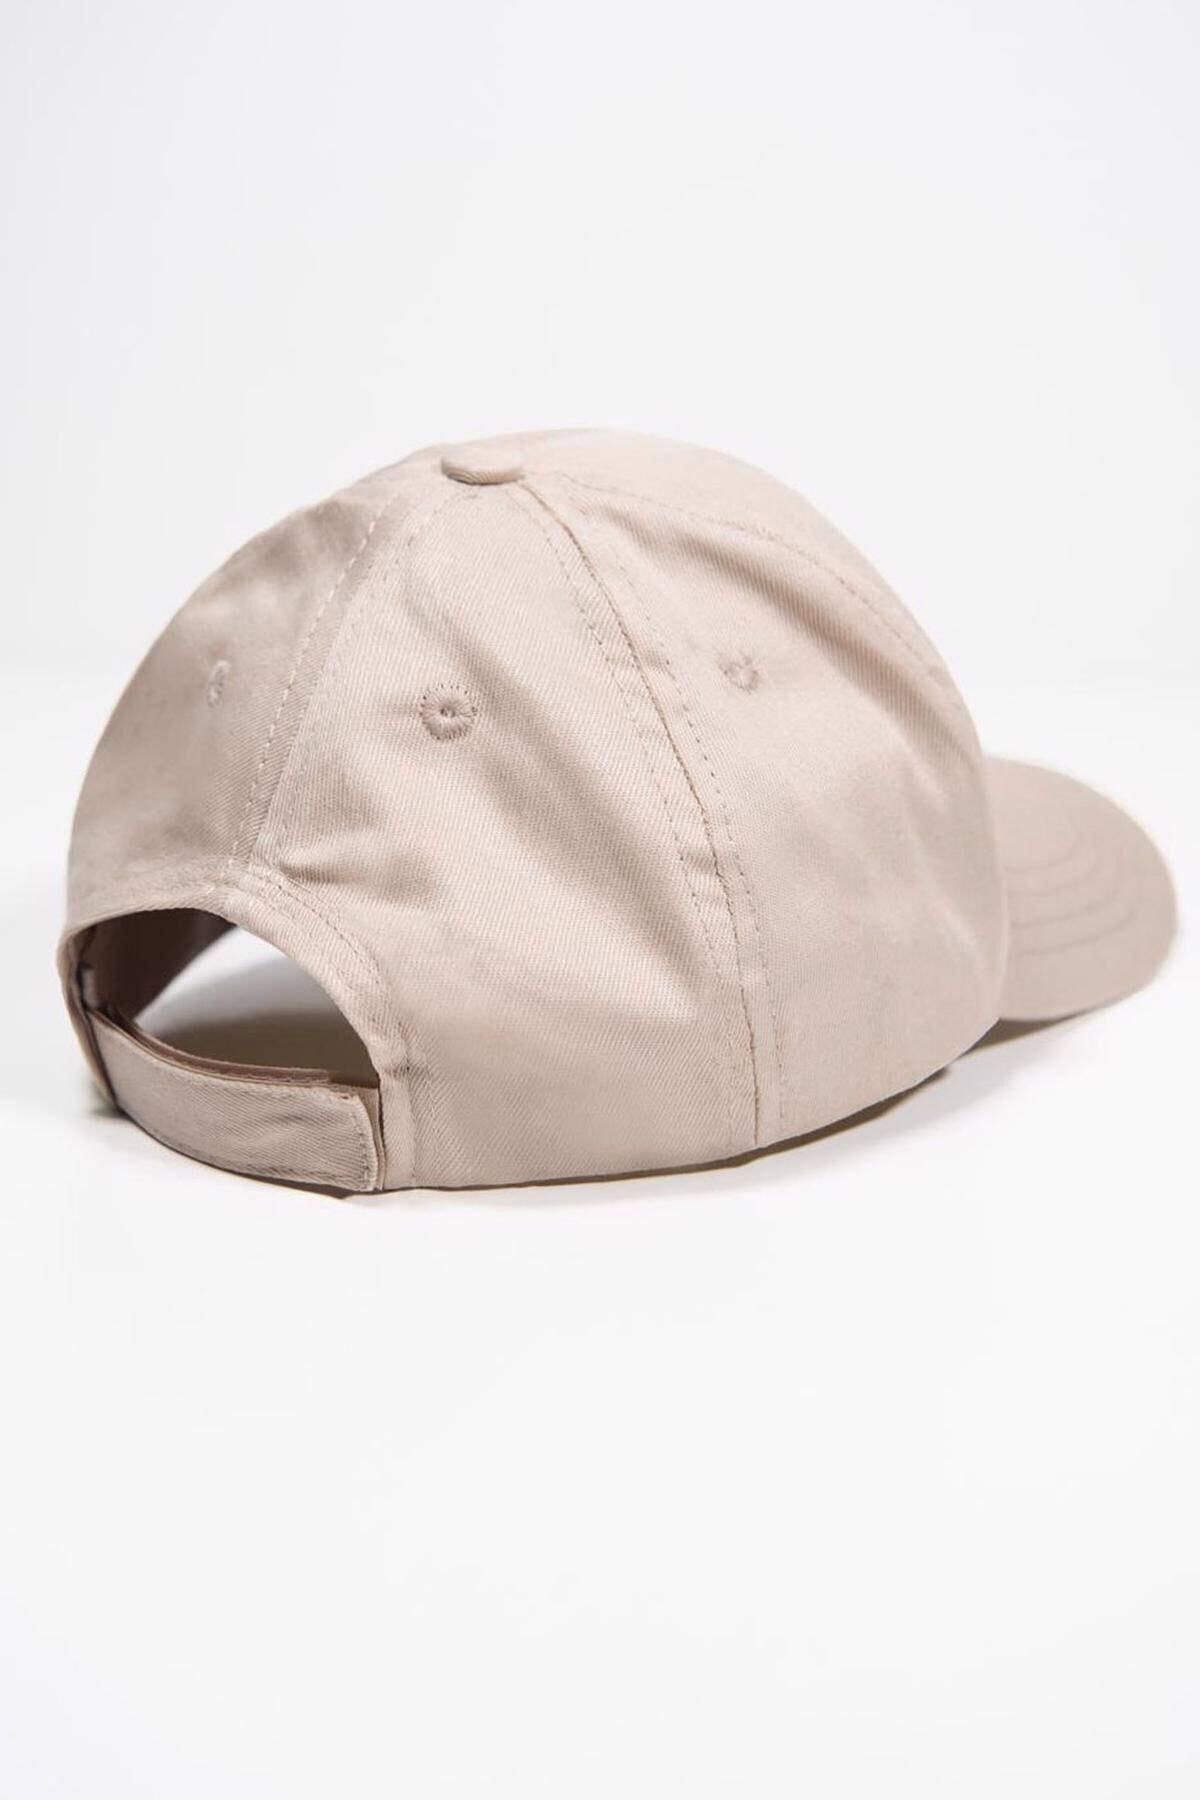 Addax Kadın Bej Unisex Şapka Şpk1007 - F1 Adx-0000022027 4